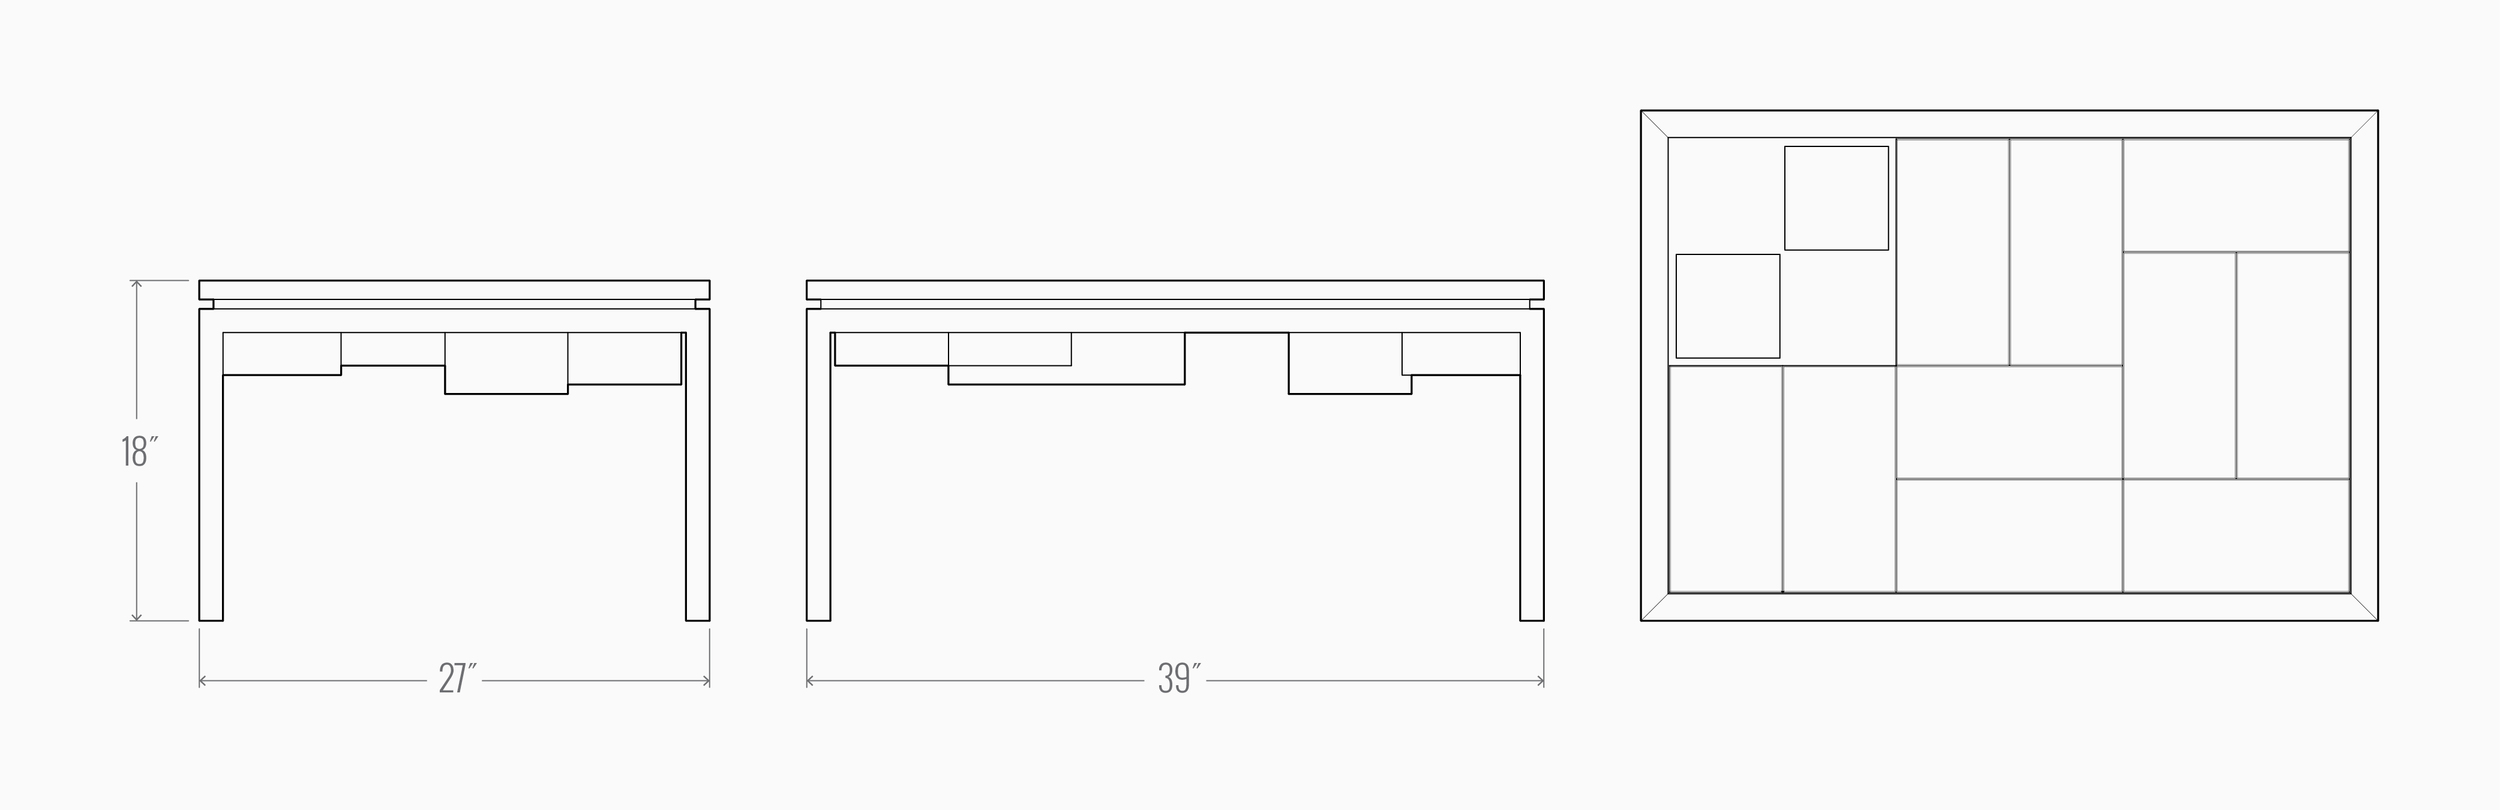 Slide Dimensions-04.jpg